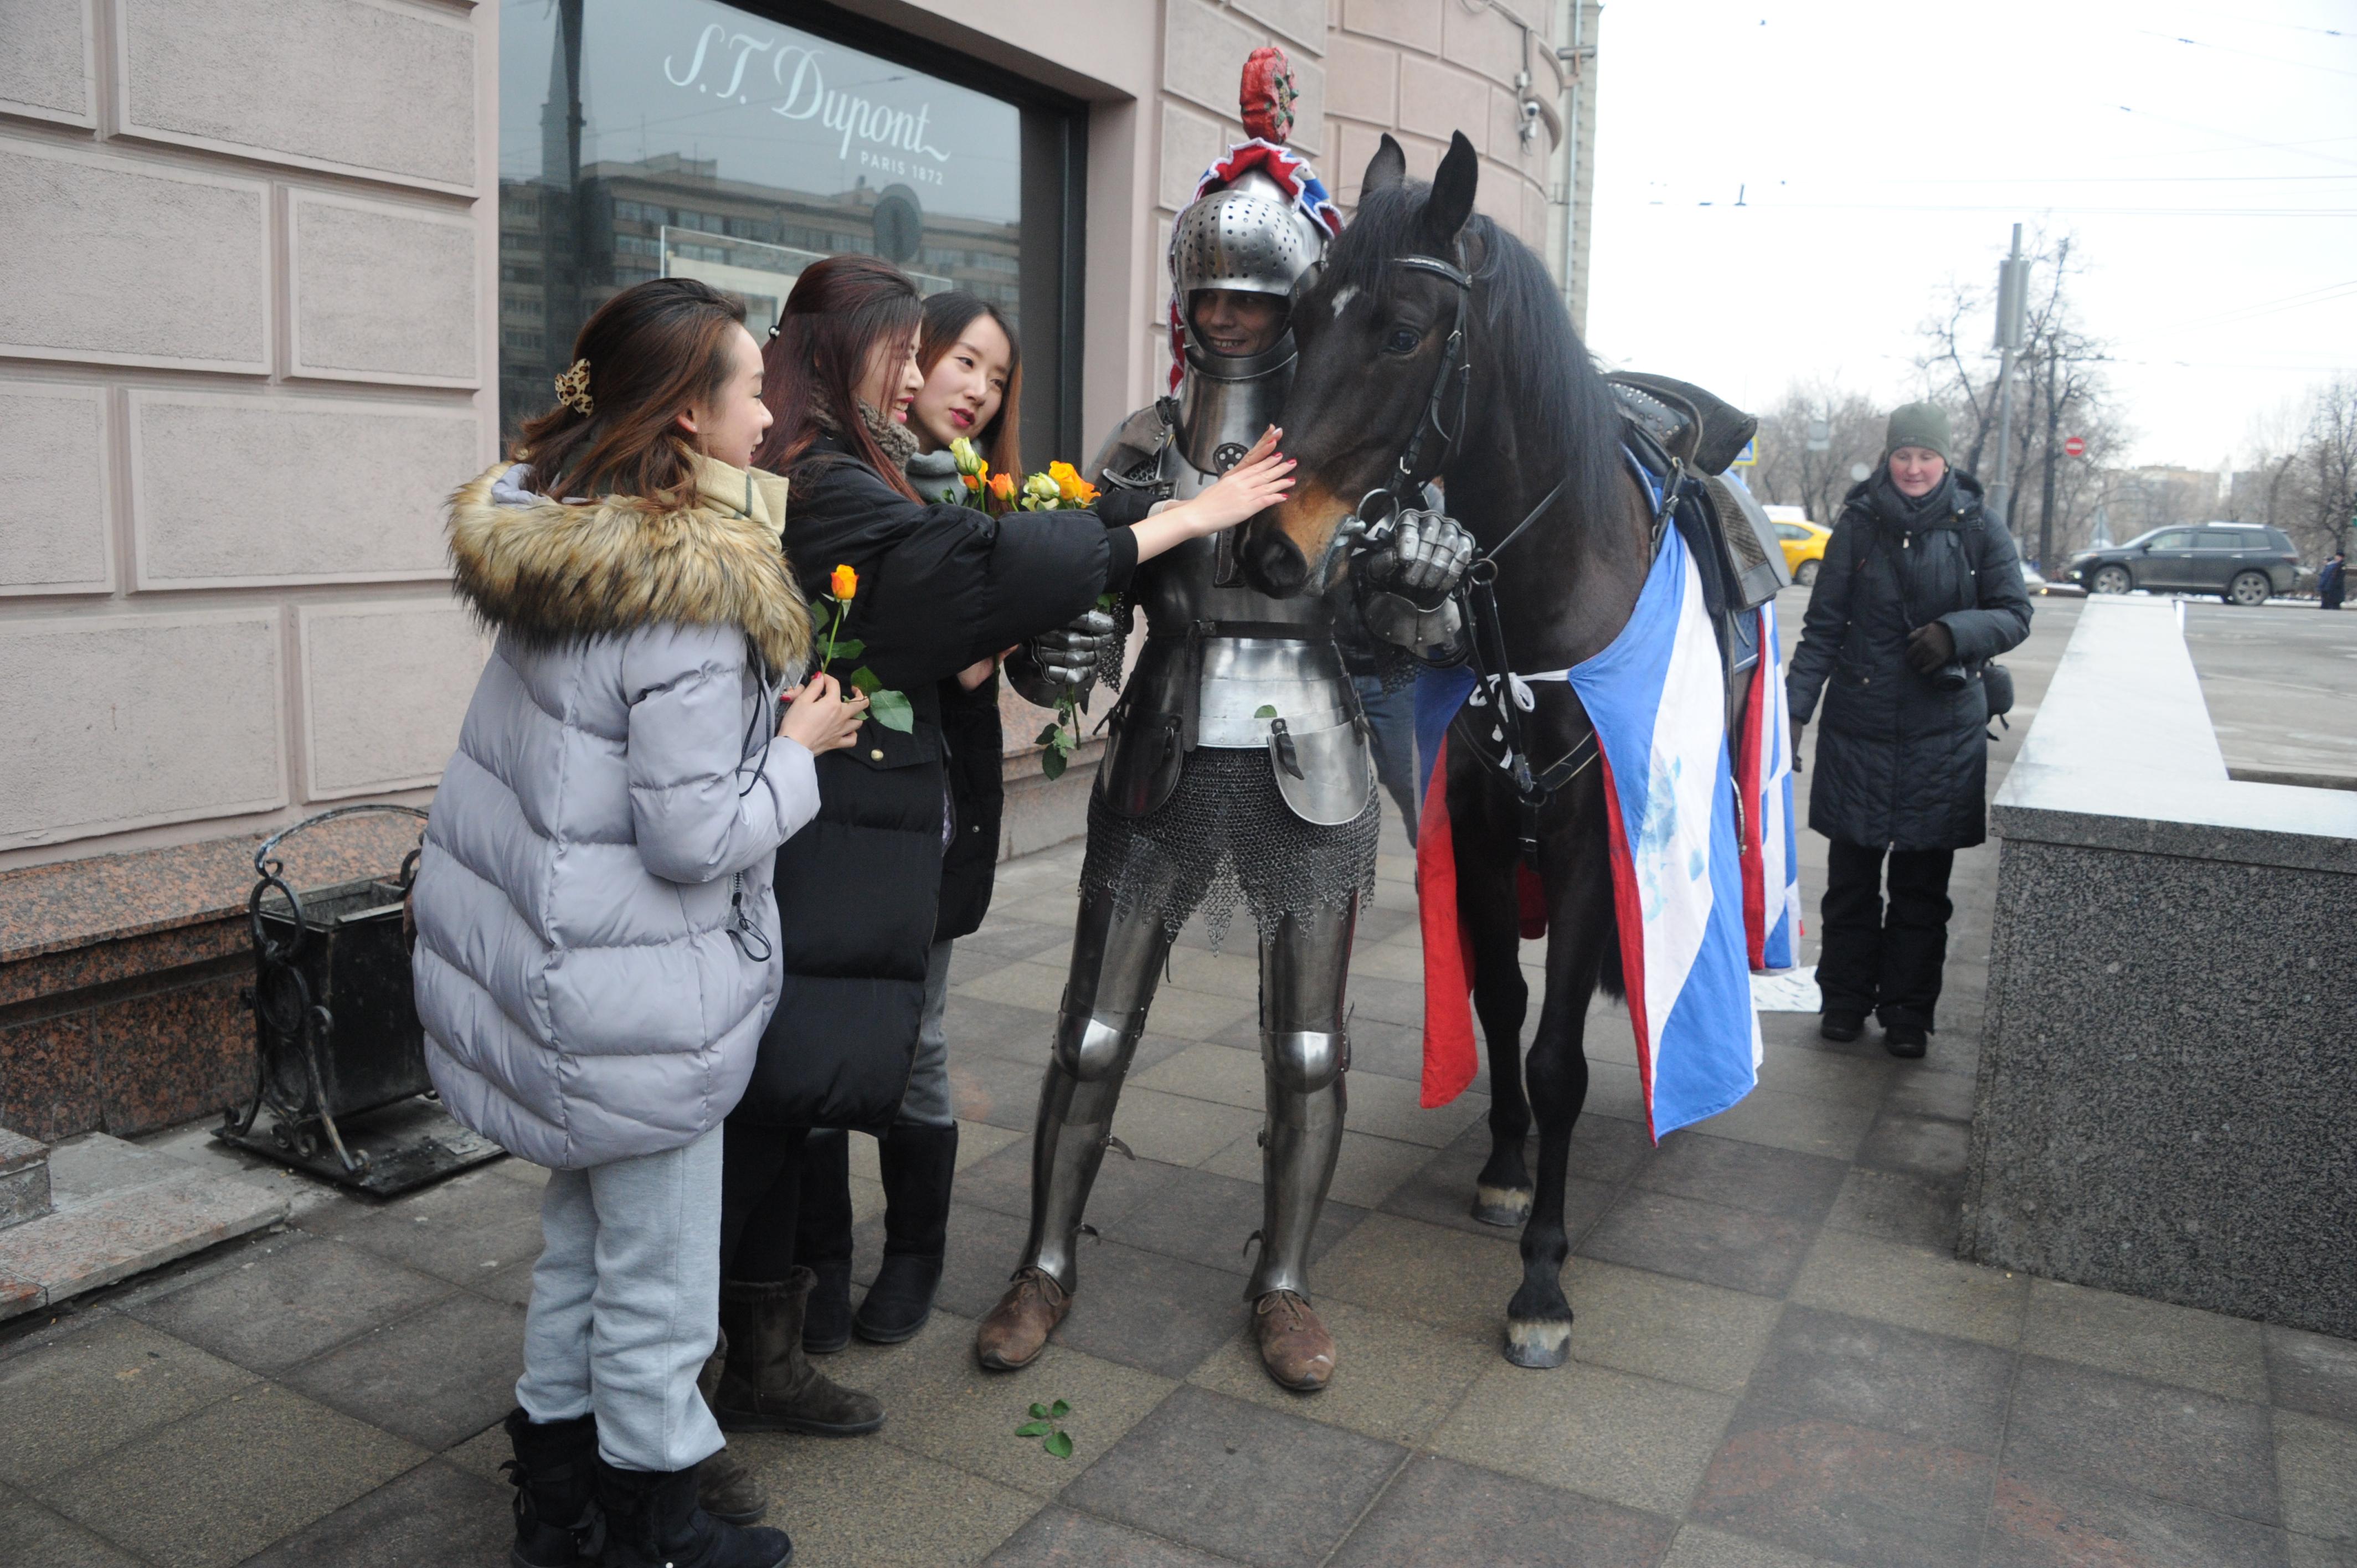 Стоило из-за очередного угла появиться статному рыцарю на коне, да еще и с букетом цветов… женские лица по-настоящему расцветали Фото: Владимир ВЕЛЕНГУРИН